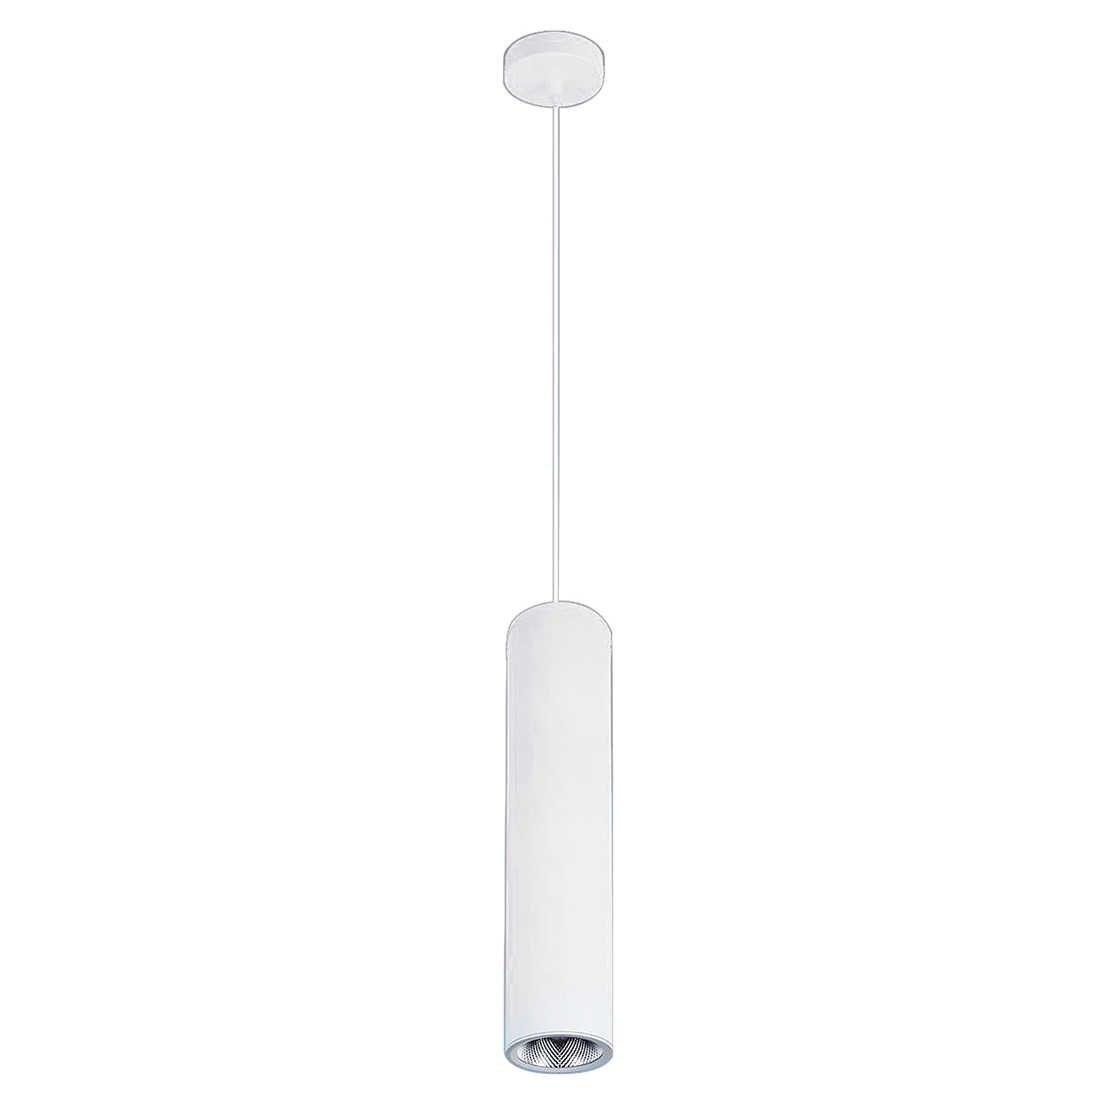 Современный минималистский люстры для кафе Led Ресторан COB Точечный светильник s длинная трубка подвесной светильник барный стол цилиндрический светильник